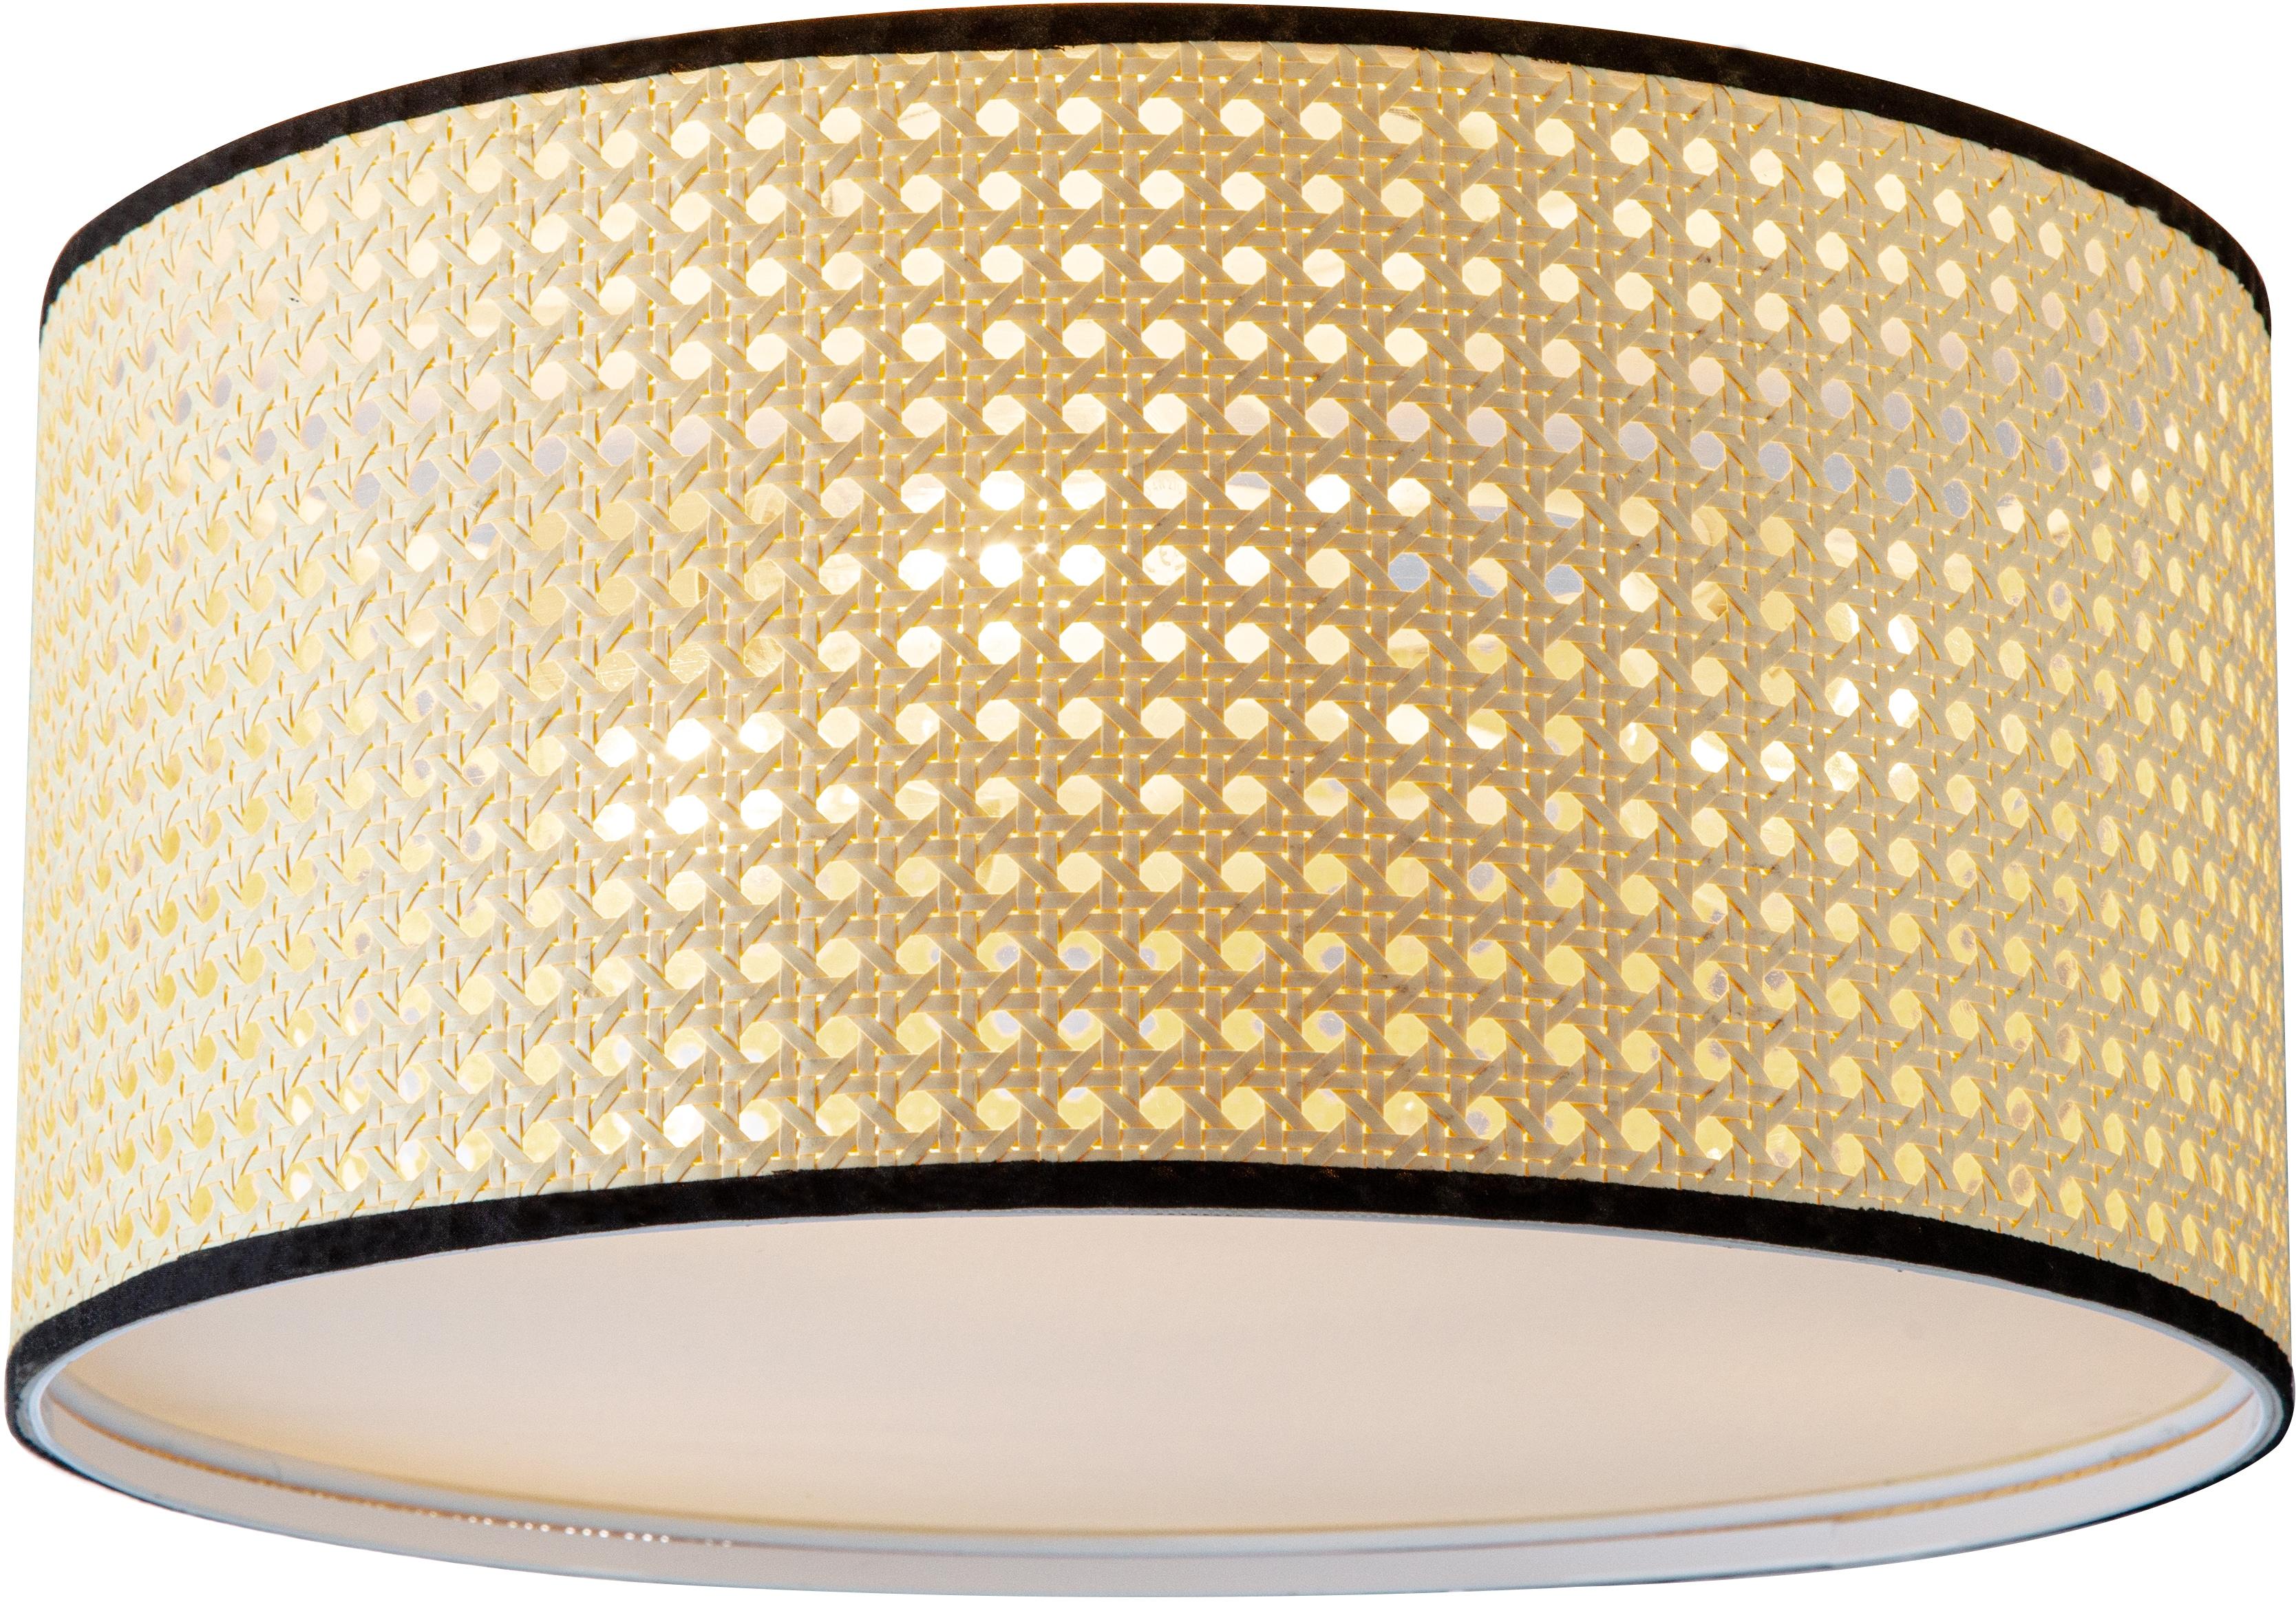 Nino Leuchten Deckenleuchte LU, E27, 1 St., Deckenlampe, Wiener Geflecht